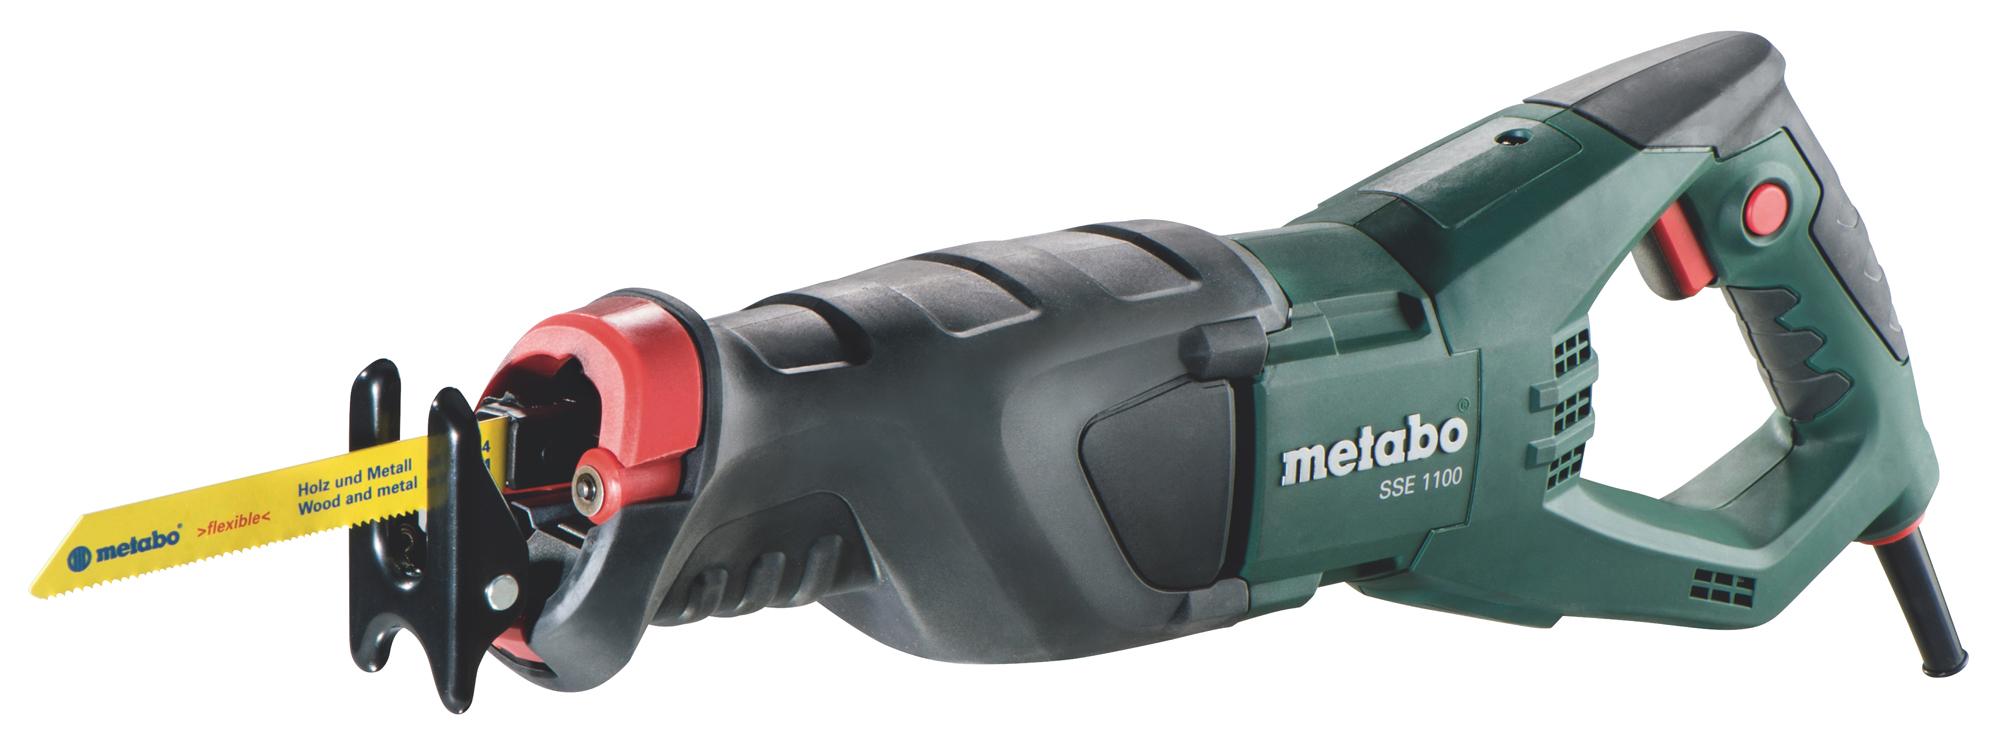 Metabo SSE 1100 (606177500) - сабельная пила (Green)